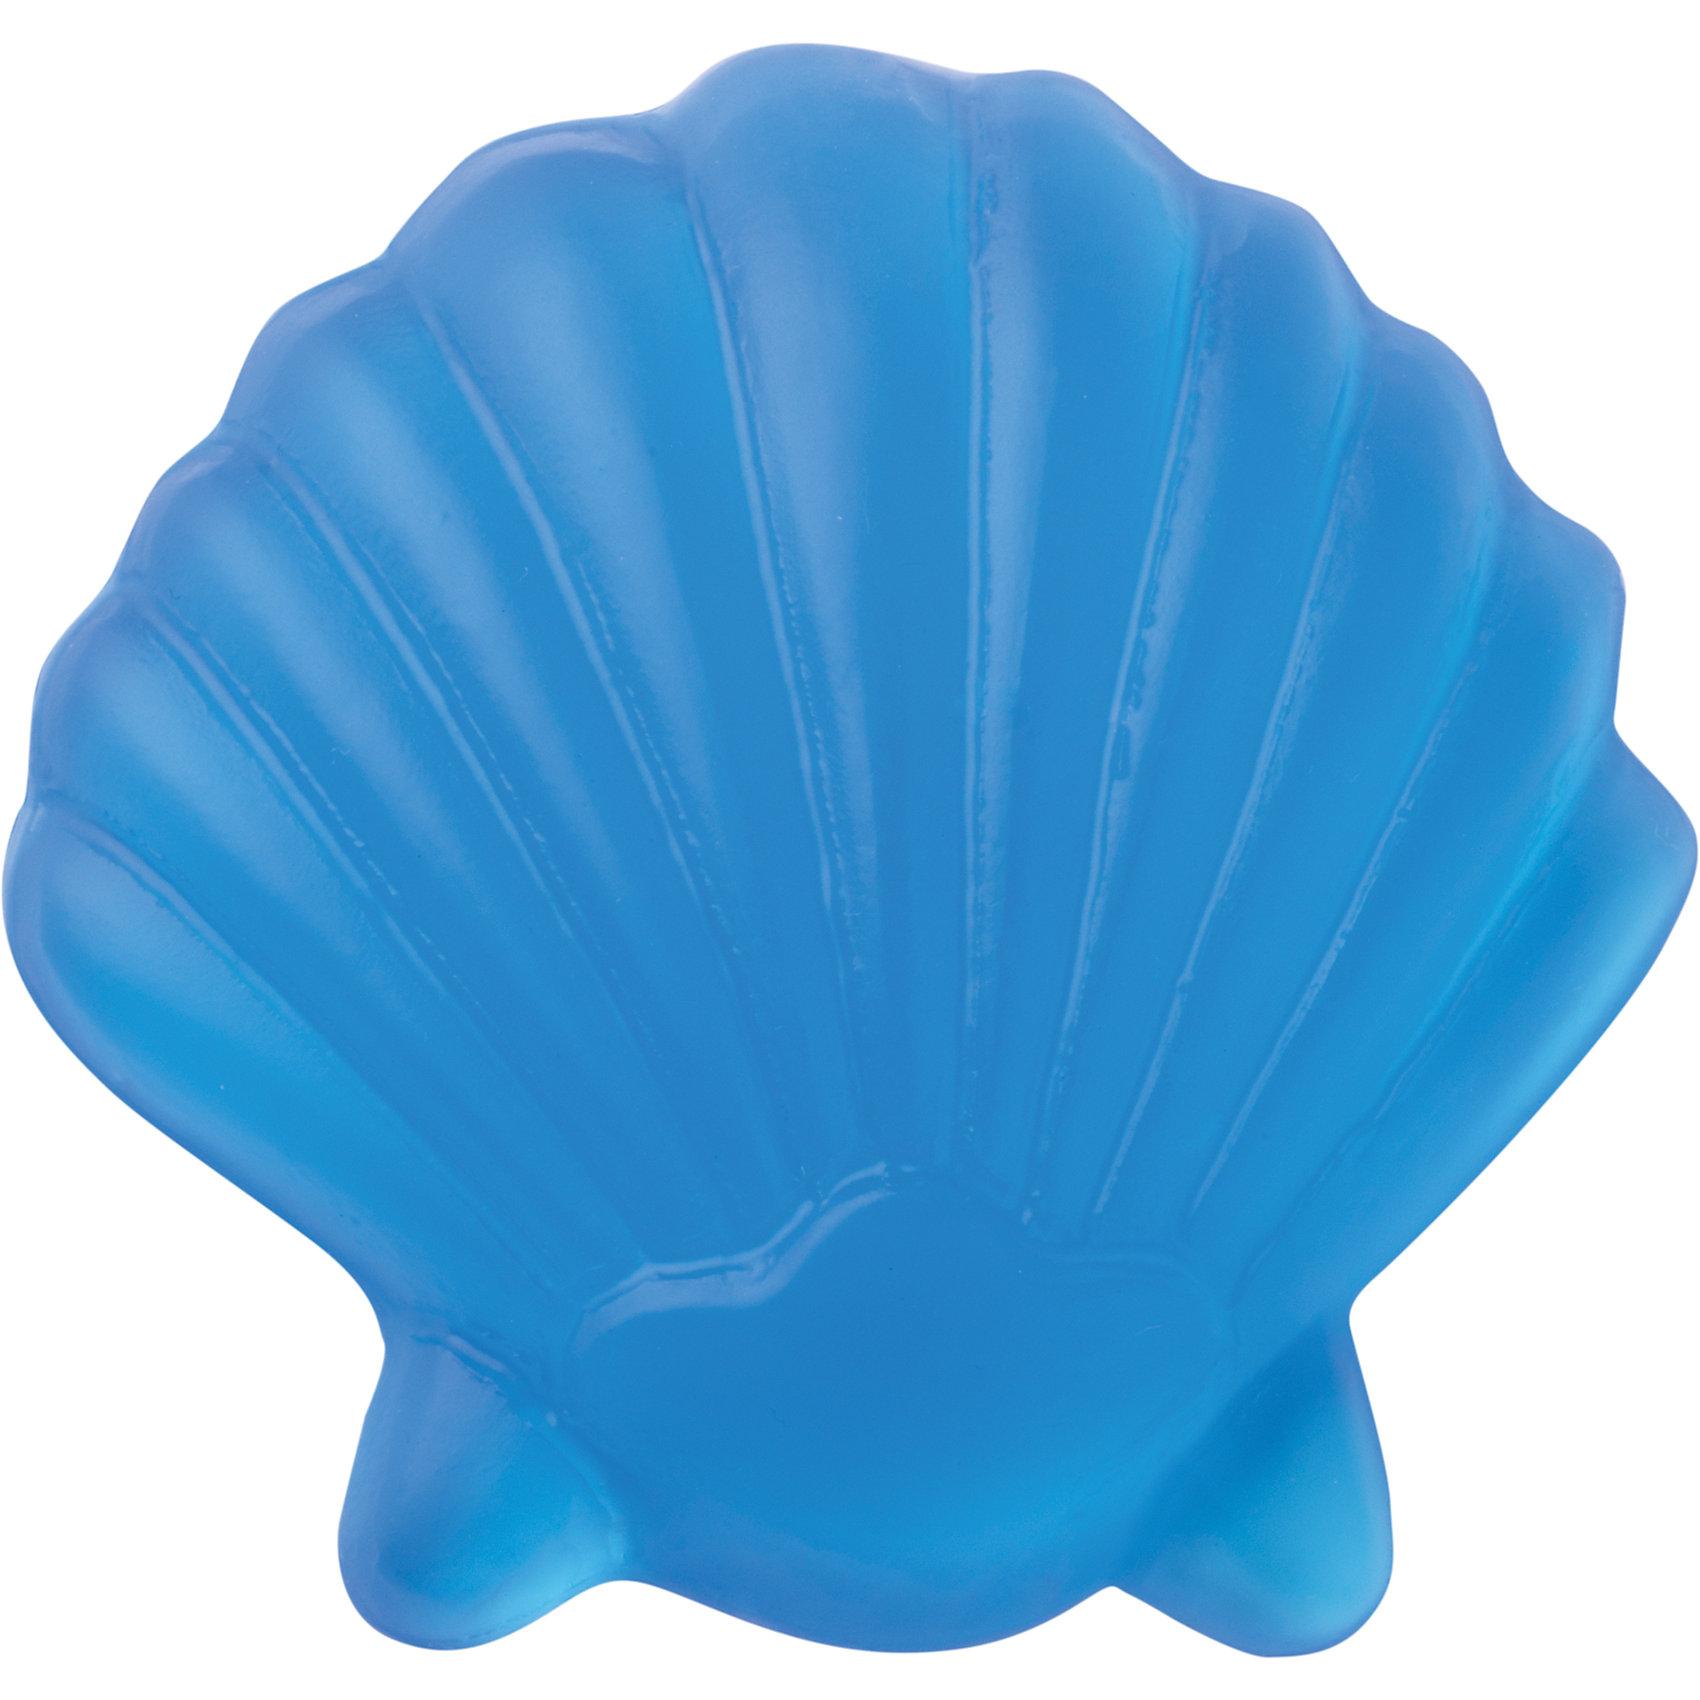 МылоМагия РакушкаСоздание мыла<br>Основа для мыла емкость для растапливания, форма для заливки мыльного раствора, пищевой краситель, пипетка, перчатки, ложка инструкция<br><br>Ширина мм: 40<br>Глубина мм: 135<br>Высота мм: 113<br>Вес г: 350<br>Возраст от месяцев: 60<br>Возраст до месяцев: 84<br>Пол: Унисекс<br>Возраст: Детский<br>SKU: 5032299